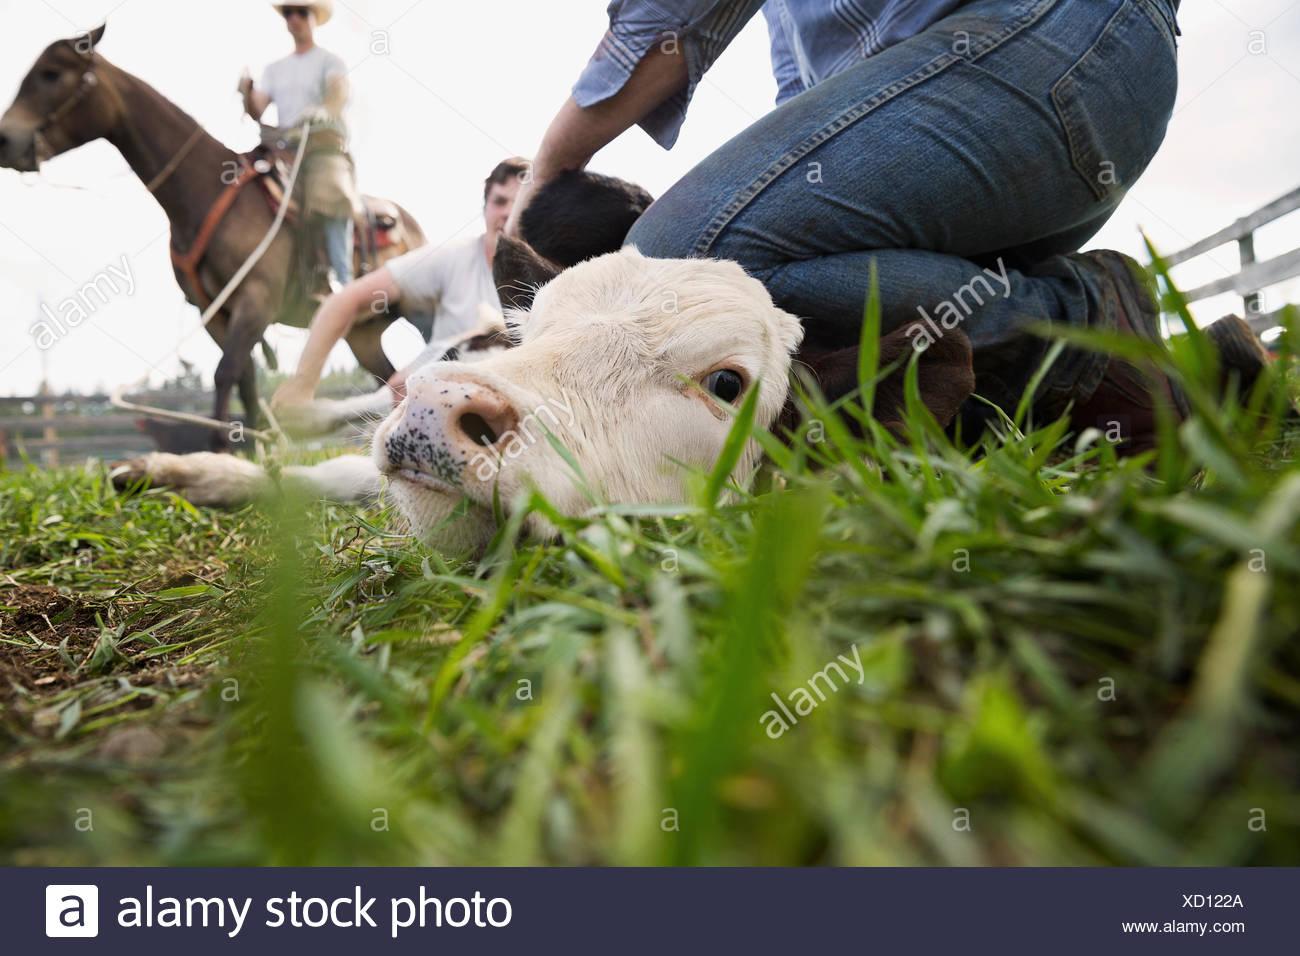 Gli allevatori di bestiame bovino di contenimento verso il basso per il branding Immagini Stock